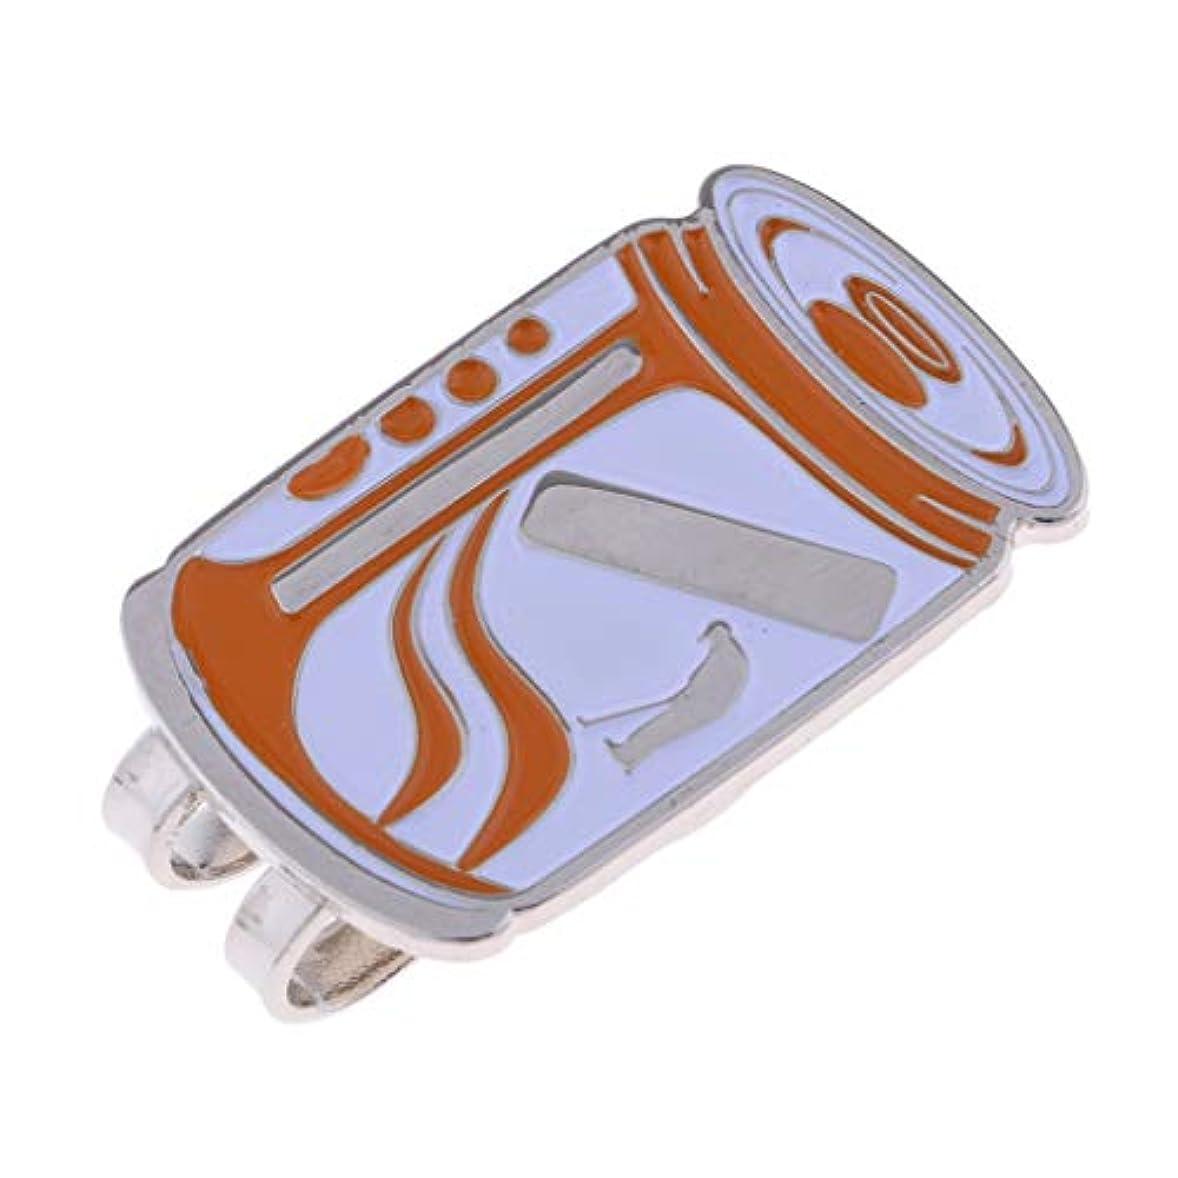 プレビュー狂った広大なT TOOYFUL ボールマーカー 亜鉛合金 磁気帽子クリップ ゴルファーアクセサリー 装飾 全11選択